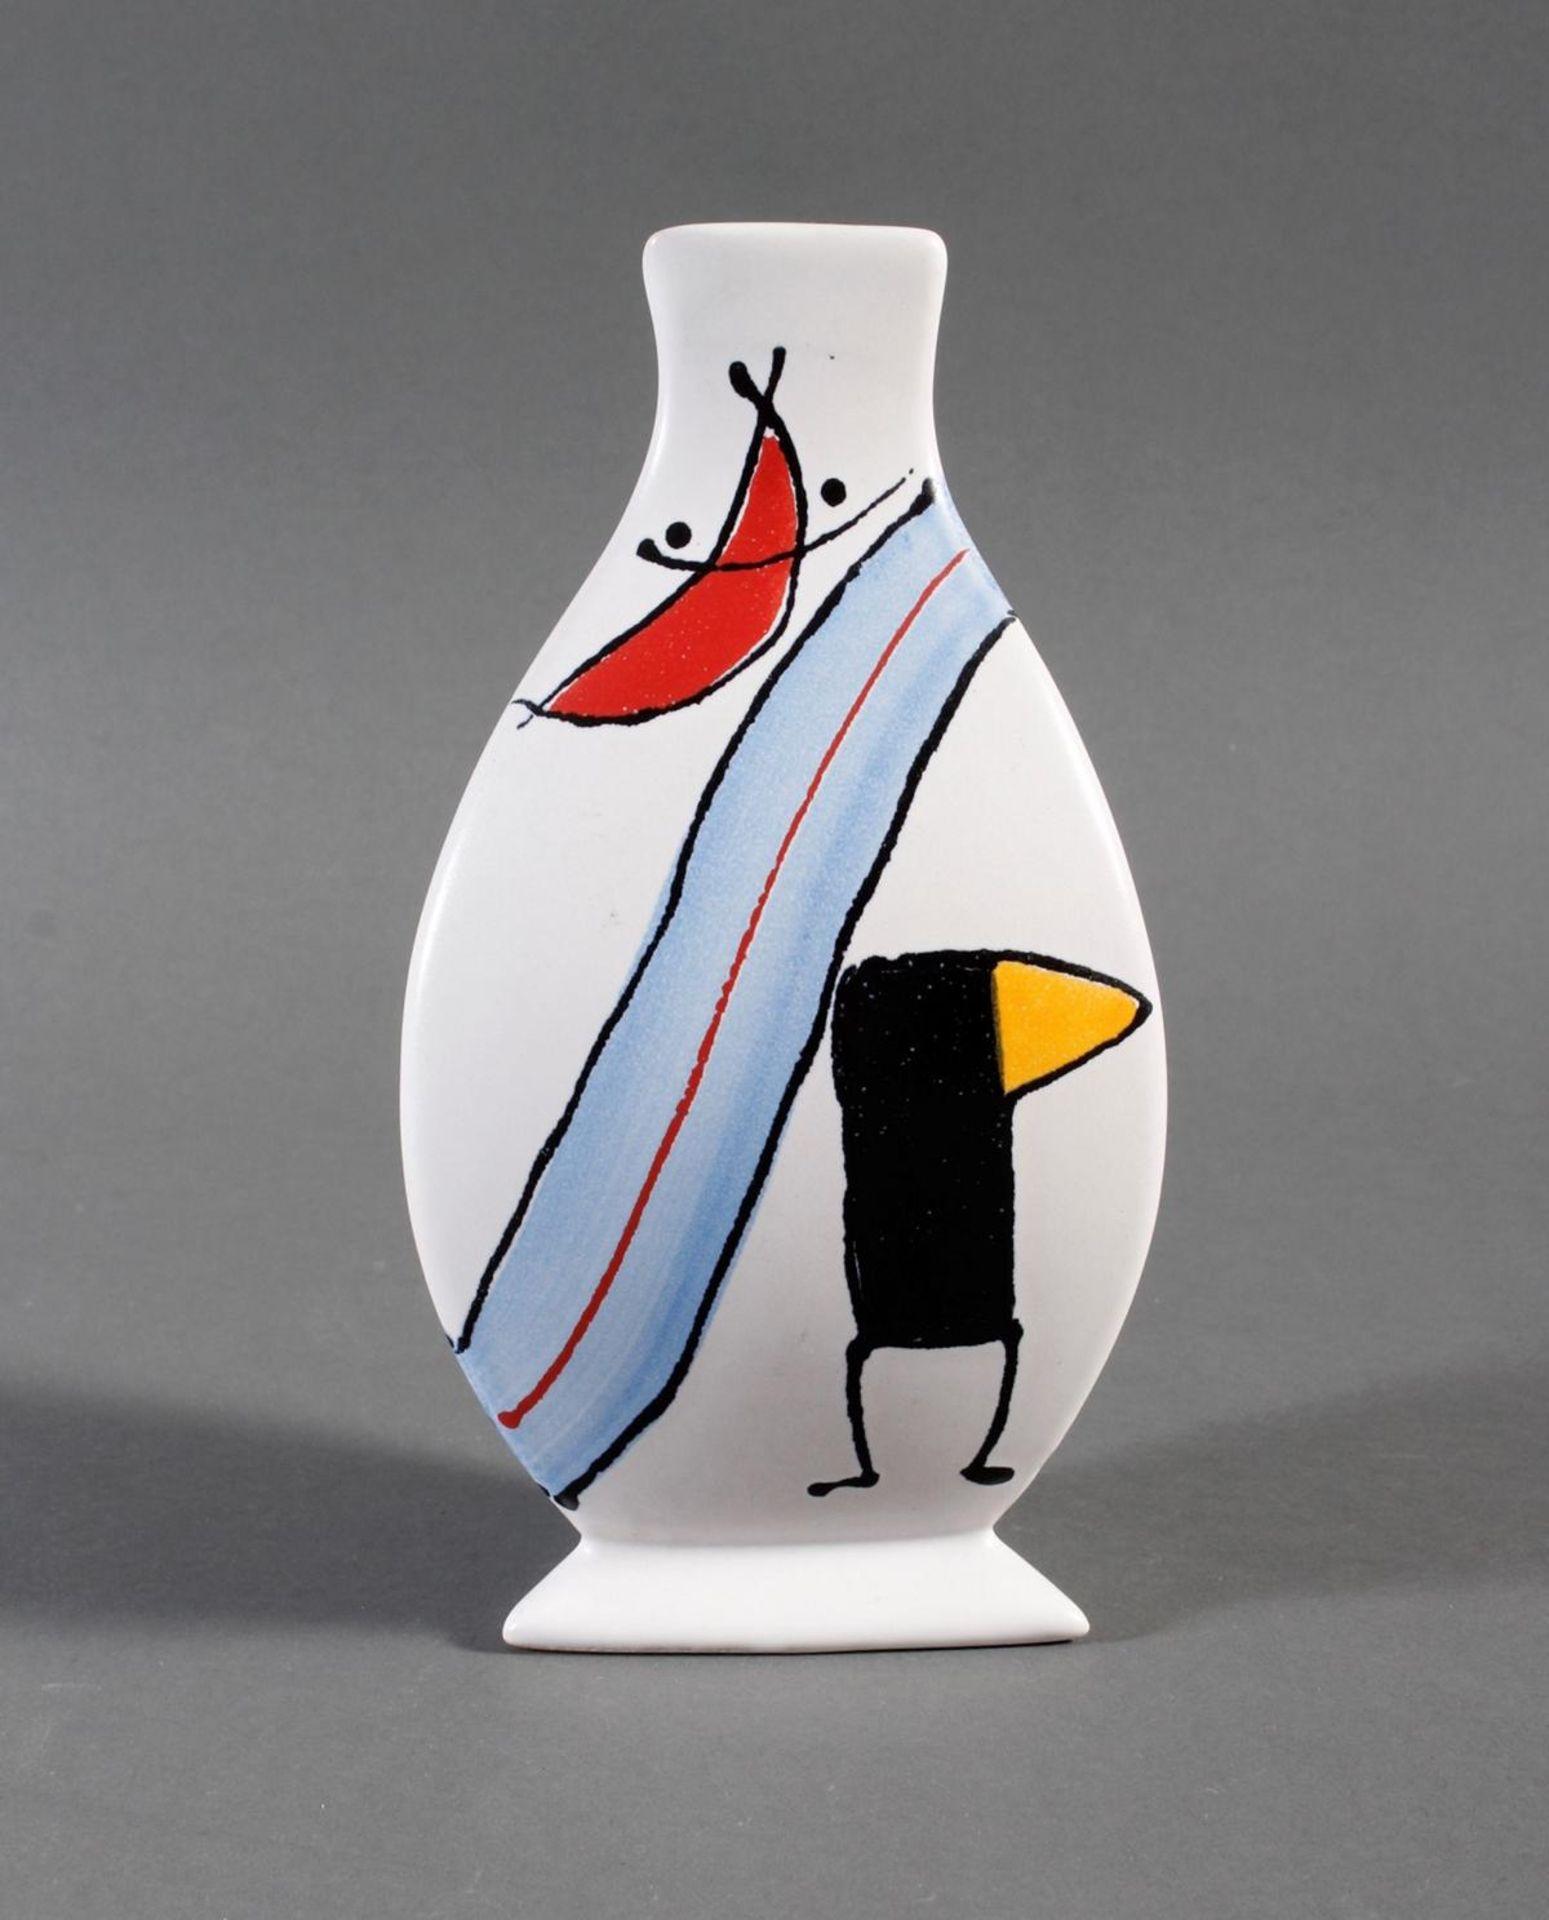 Keramik-Künstlervase, kmk, 90er Jahre - Bild 3 aus 4